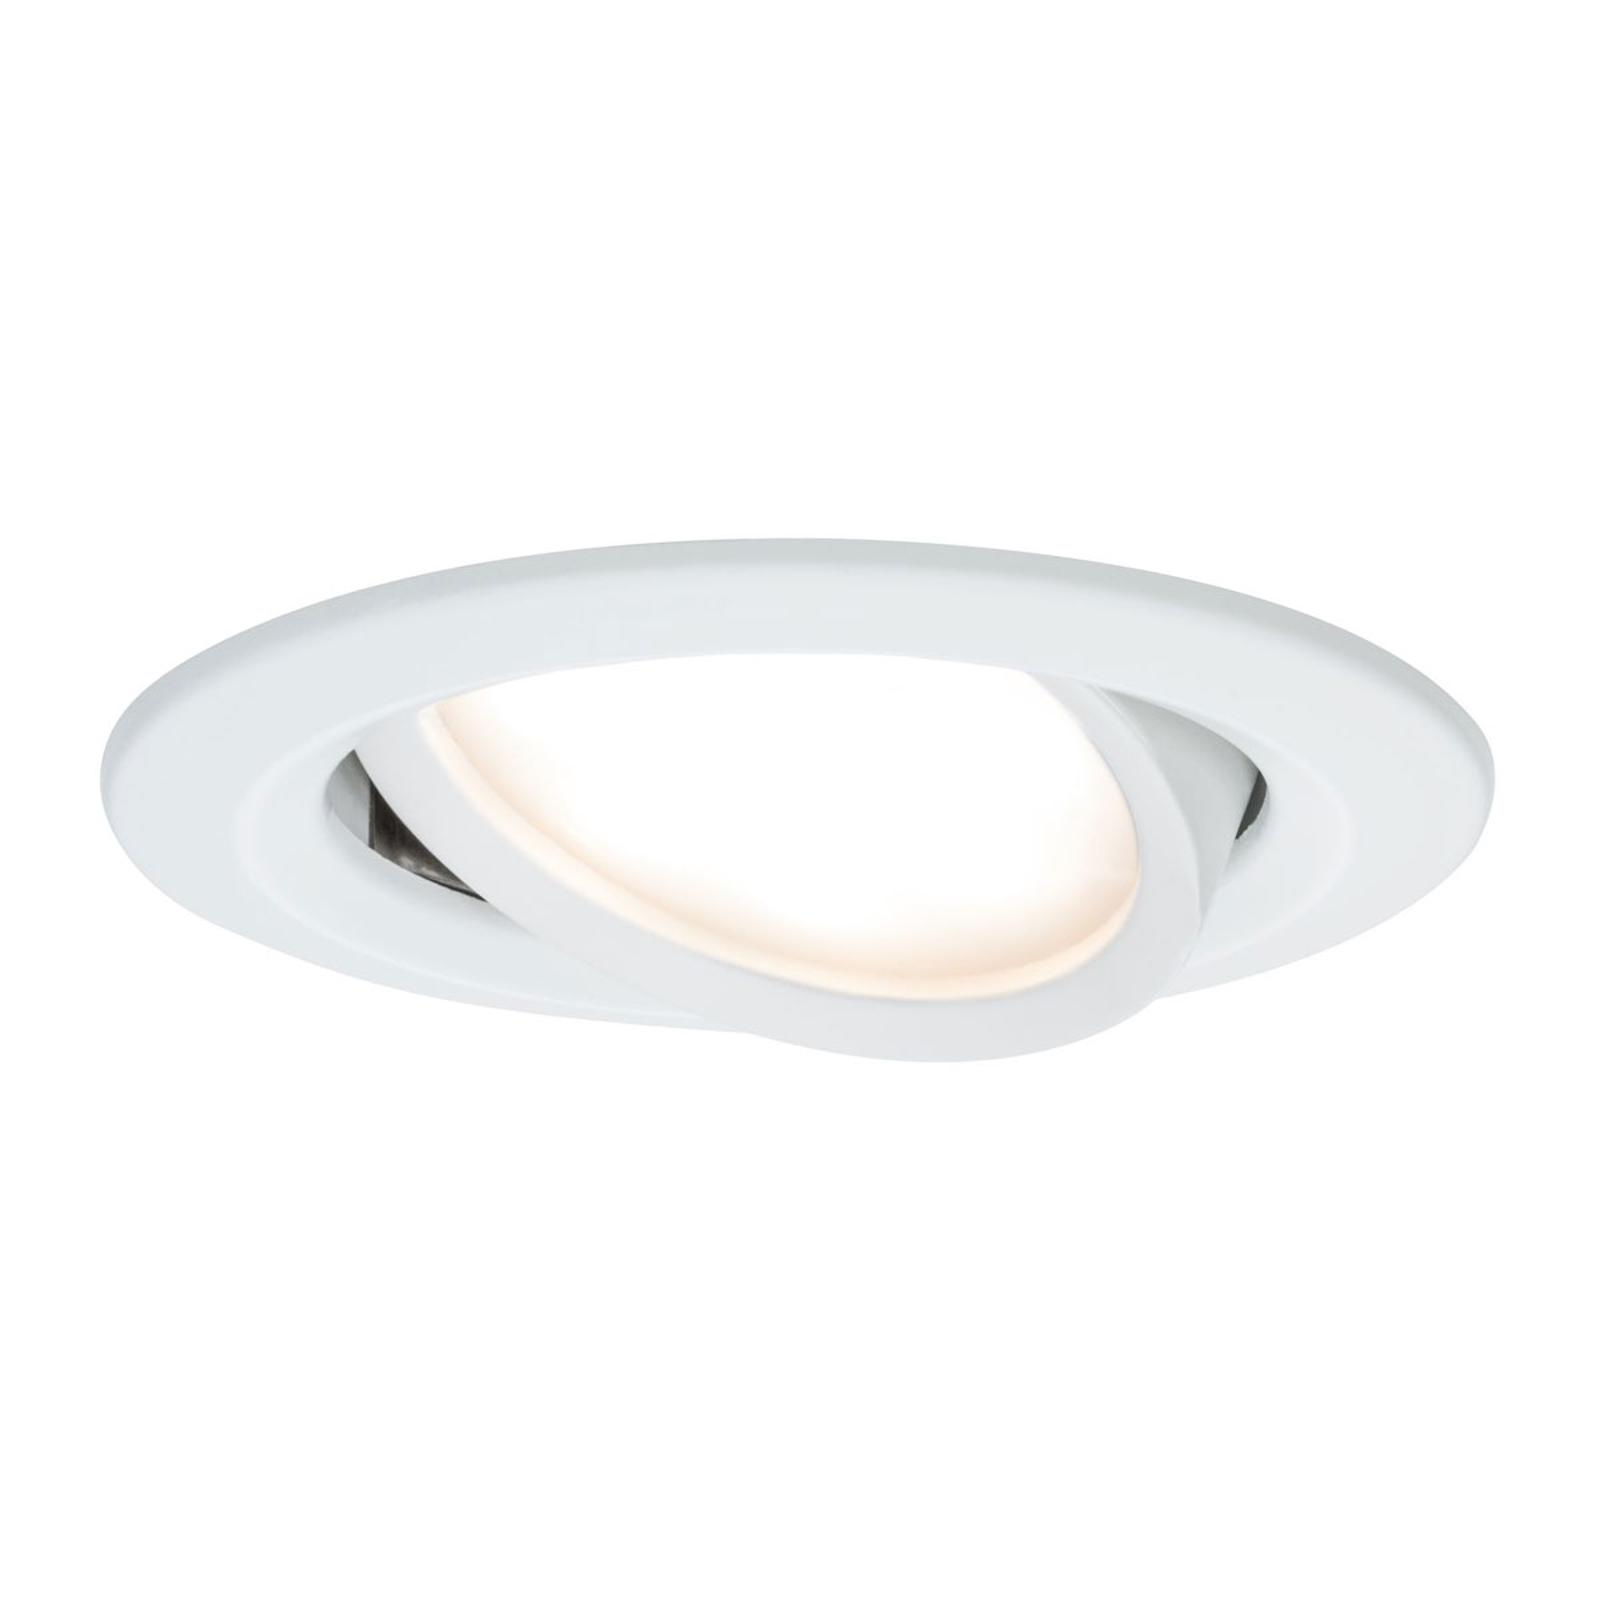 Dove acquistare Paulmann Nova Coin faretto LED tondo, bianco